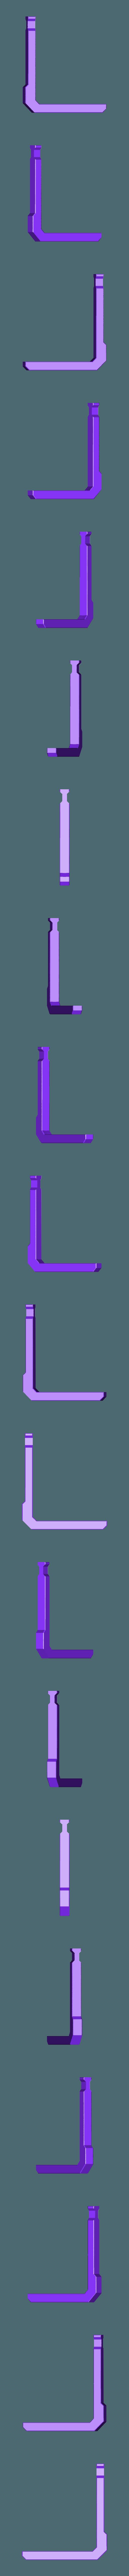 spur_arm_x5.stl Télécharger fichier STL gratuit SpoolWorks Echafaudage Support soluble Spool Carrier • Plan pour imprimante 3D, Greg_The_Maker